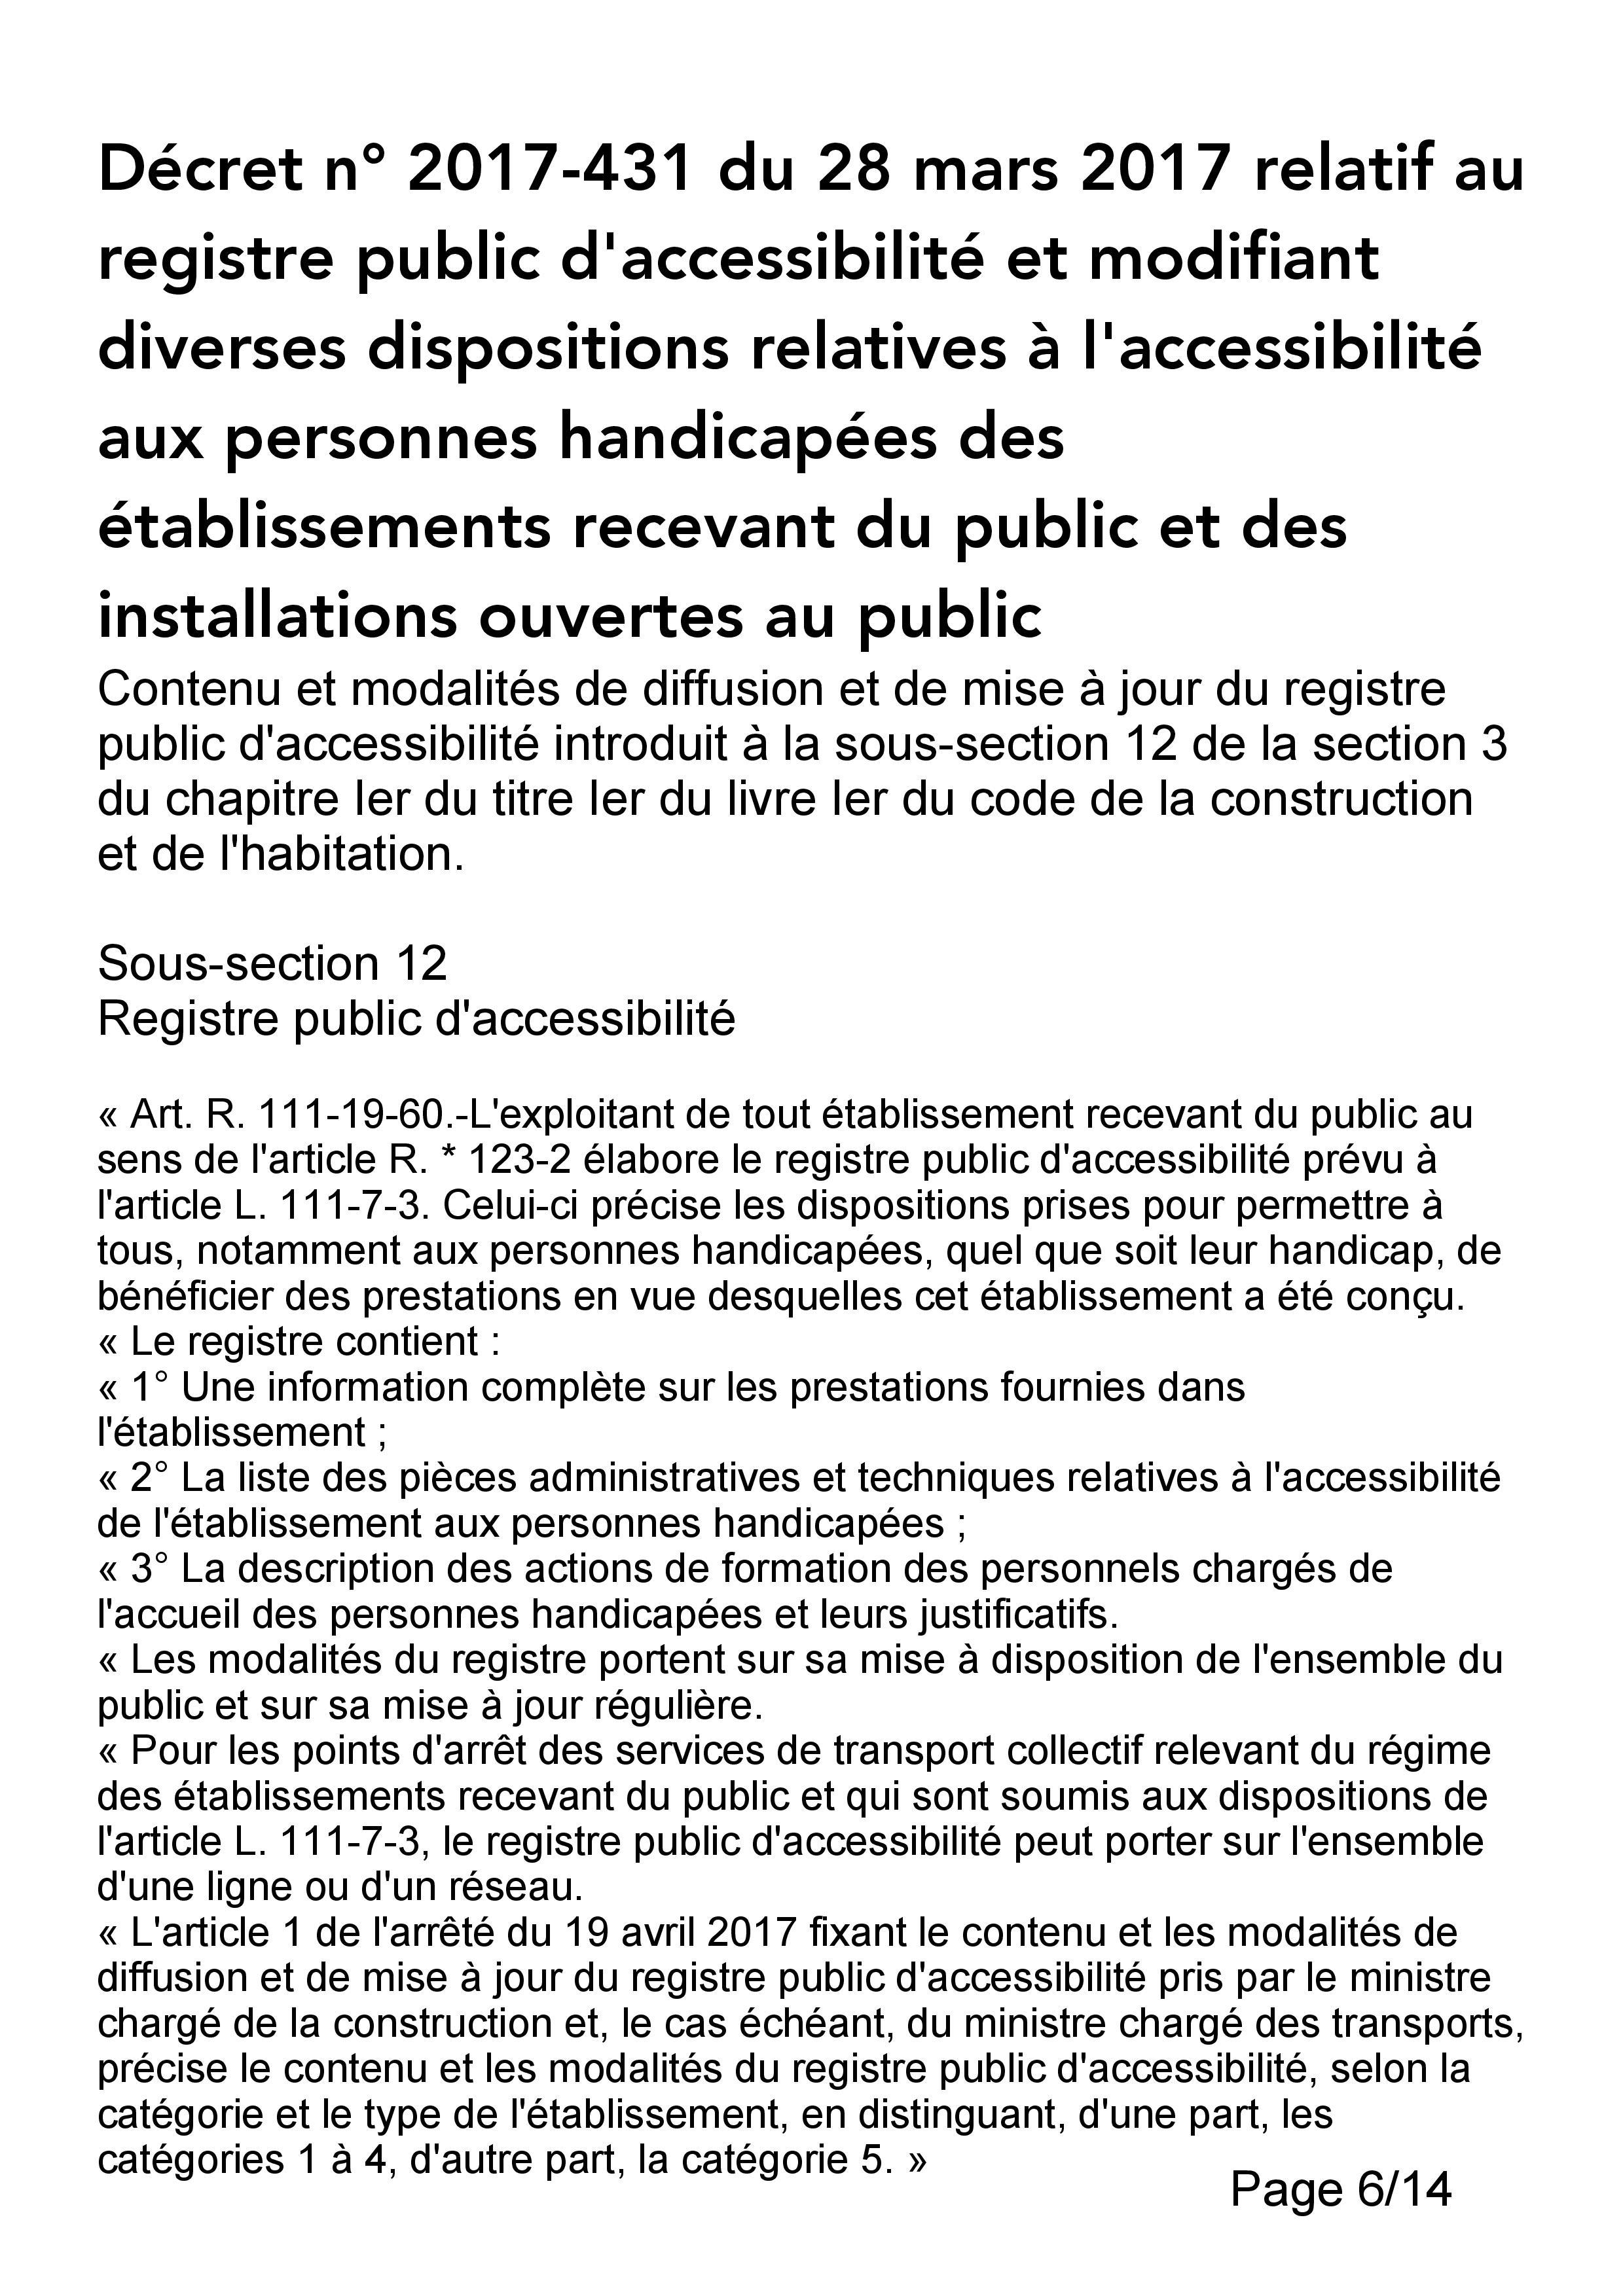 Registre accessibilité Jardinerie Schneider Soeur Cannes-page-006